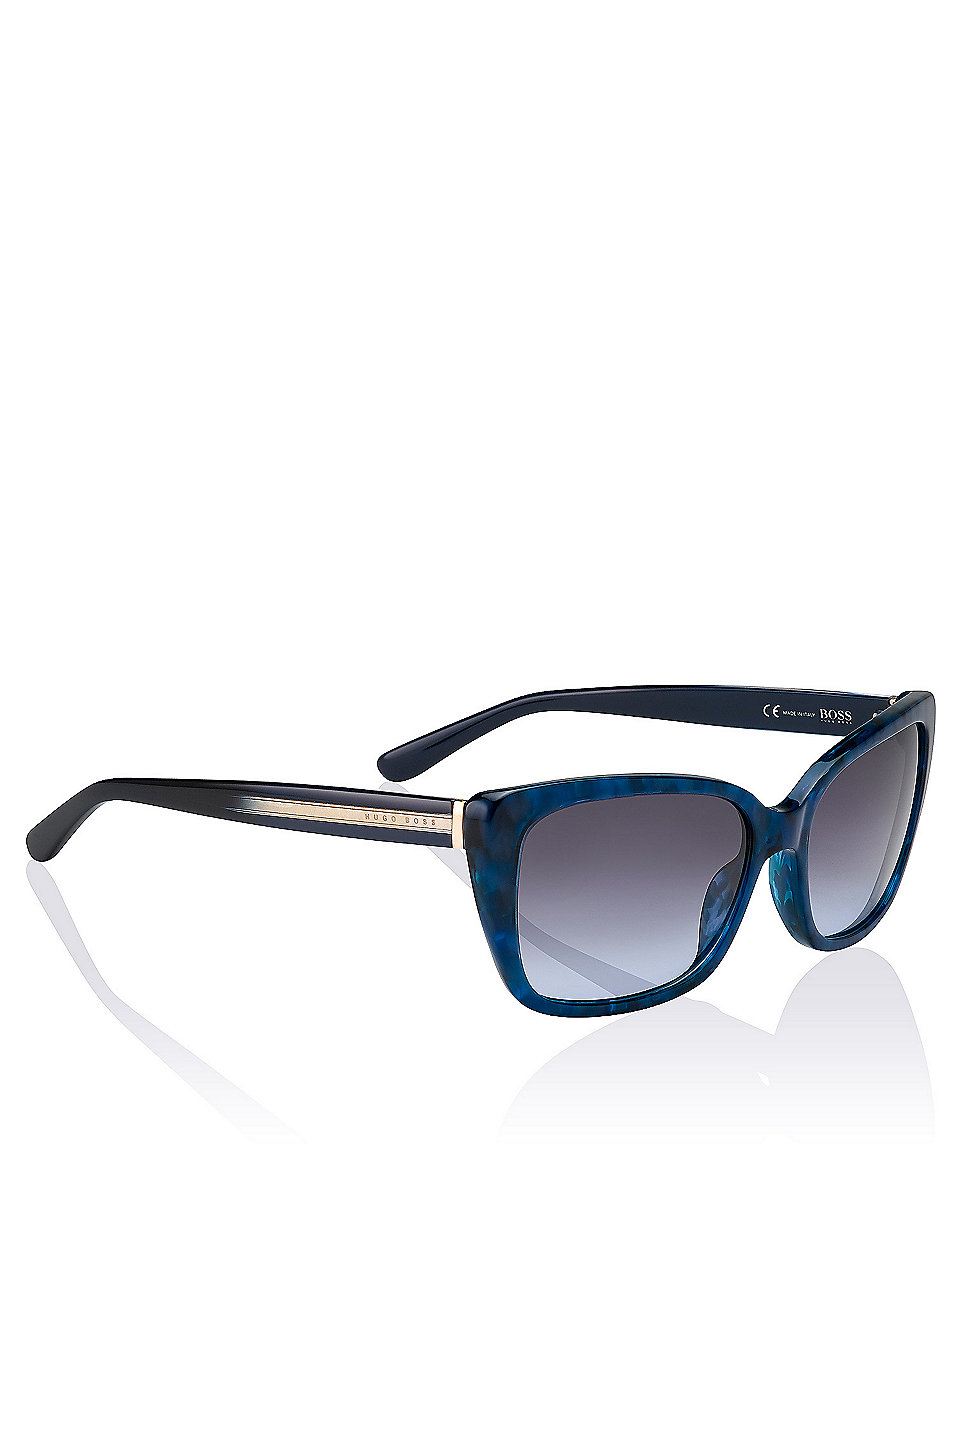 Sonnenbrille 'BOSS 0612/S' QgLcHZKB4M